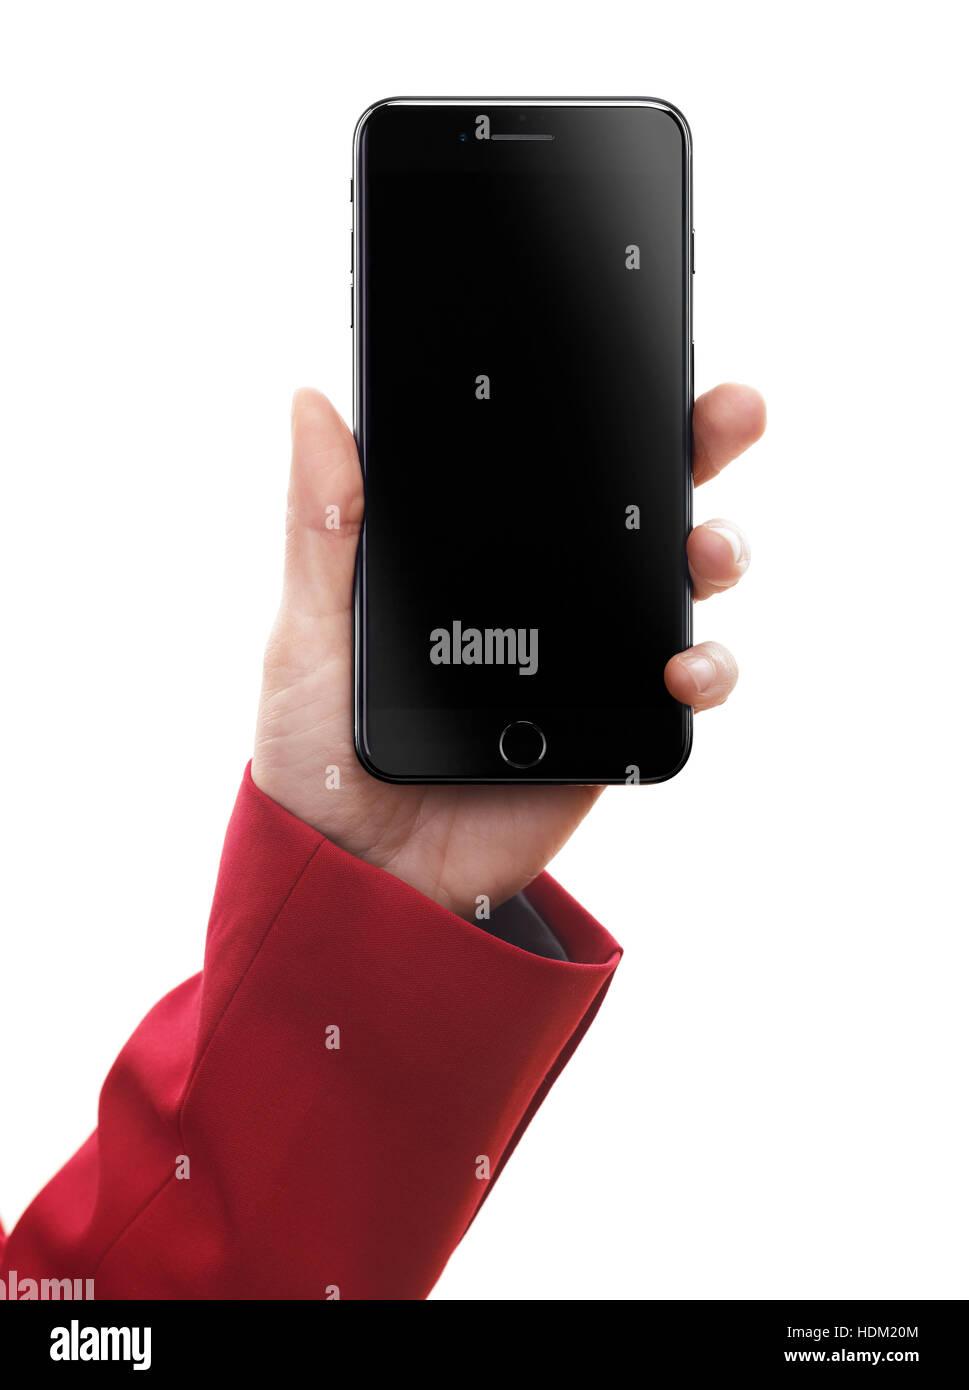 Donna Mano Azienda Apple Iphone 7 Plus Con Schermata Nera Vuota